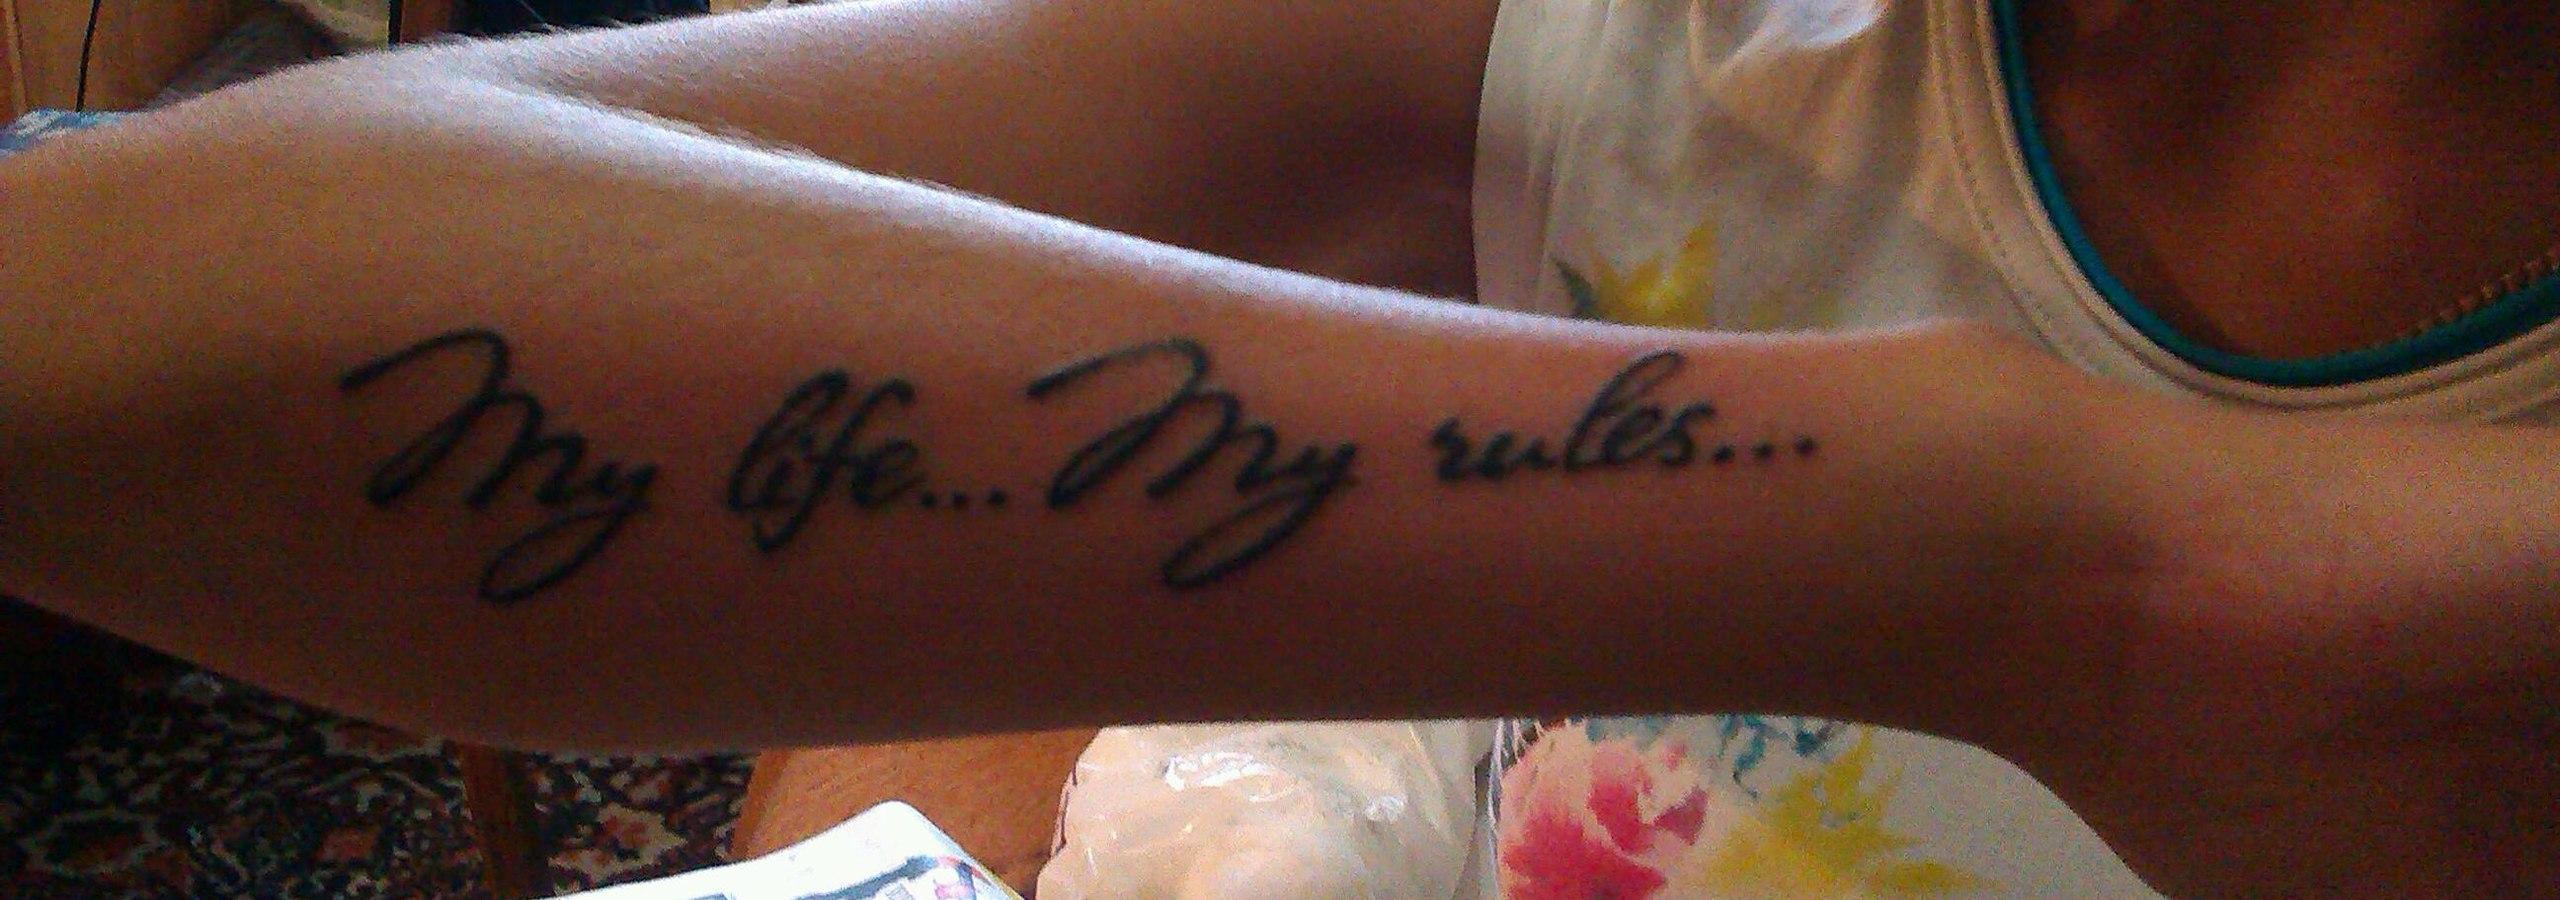 Тату для девушки на руке надписи с переводом